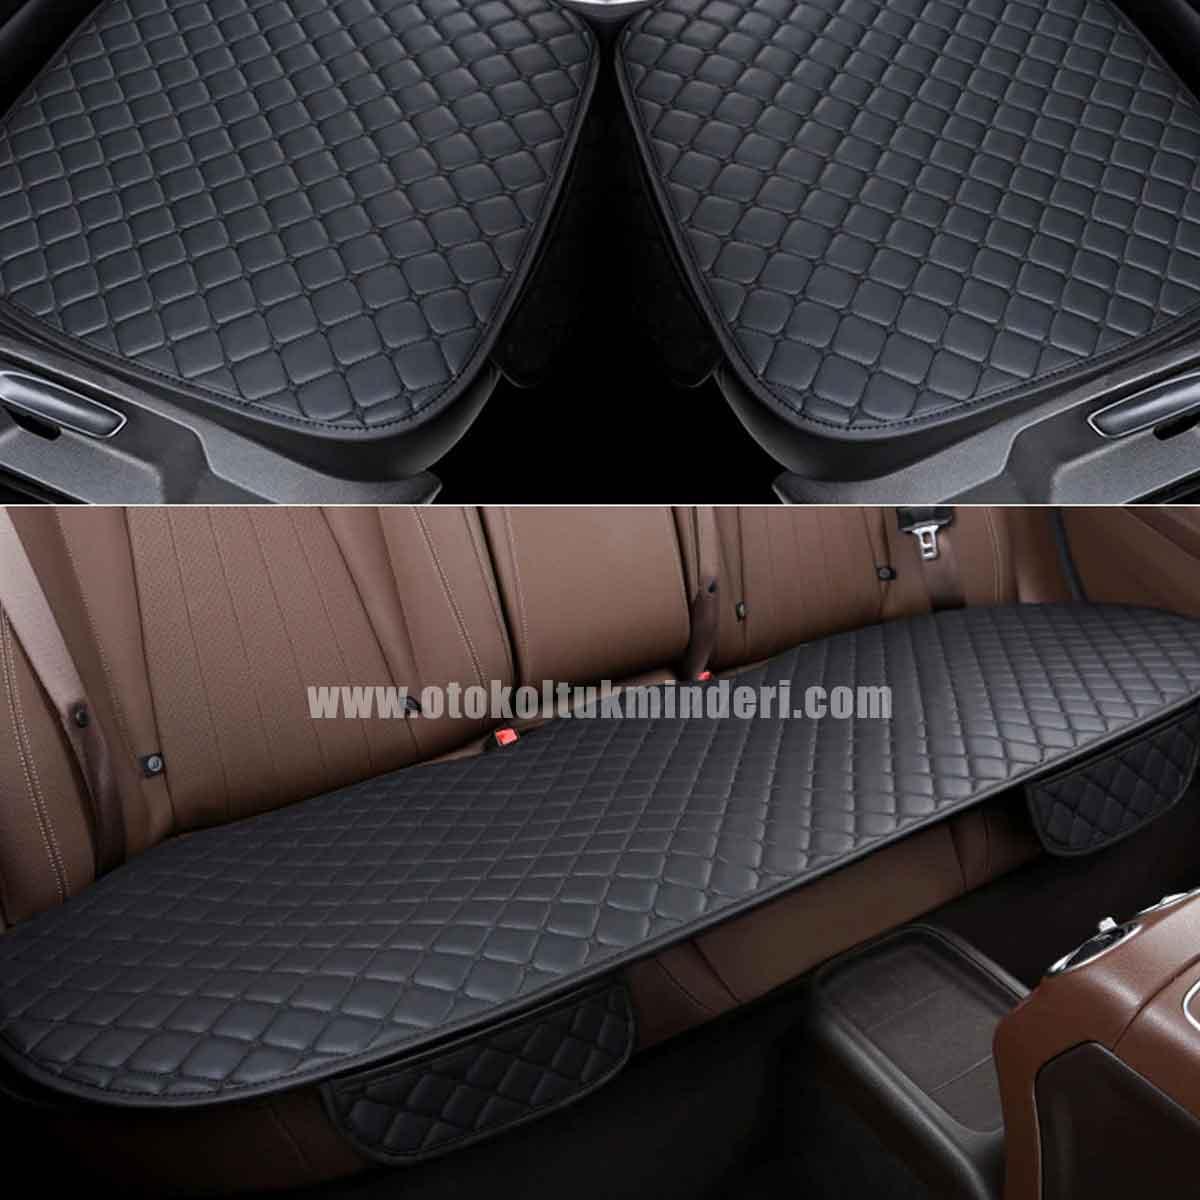 Suzuki koltuk kılıfı deri - Suzuki Koltuk minderi Siyah Deri Cepli